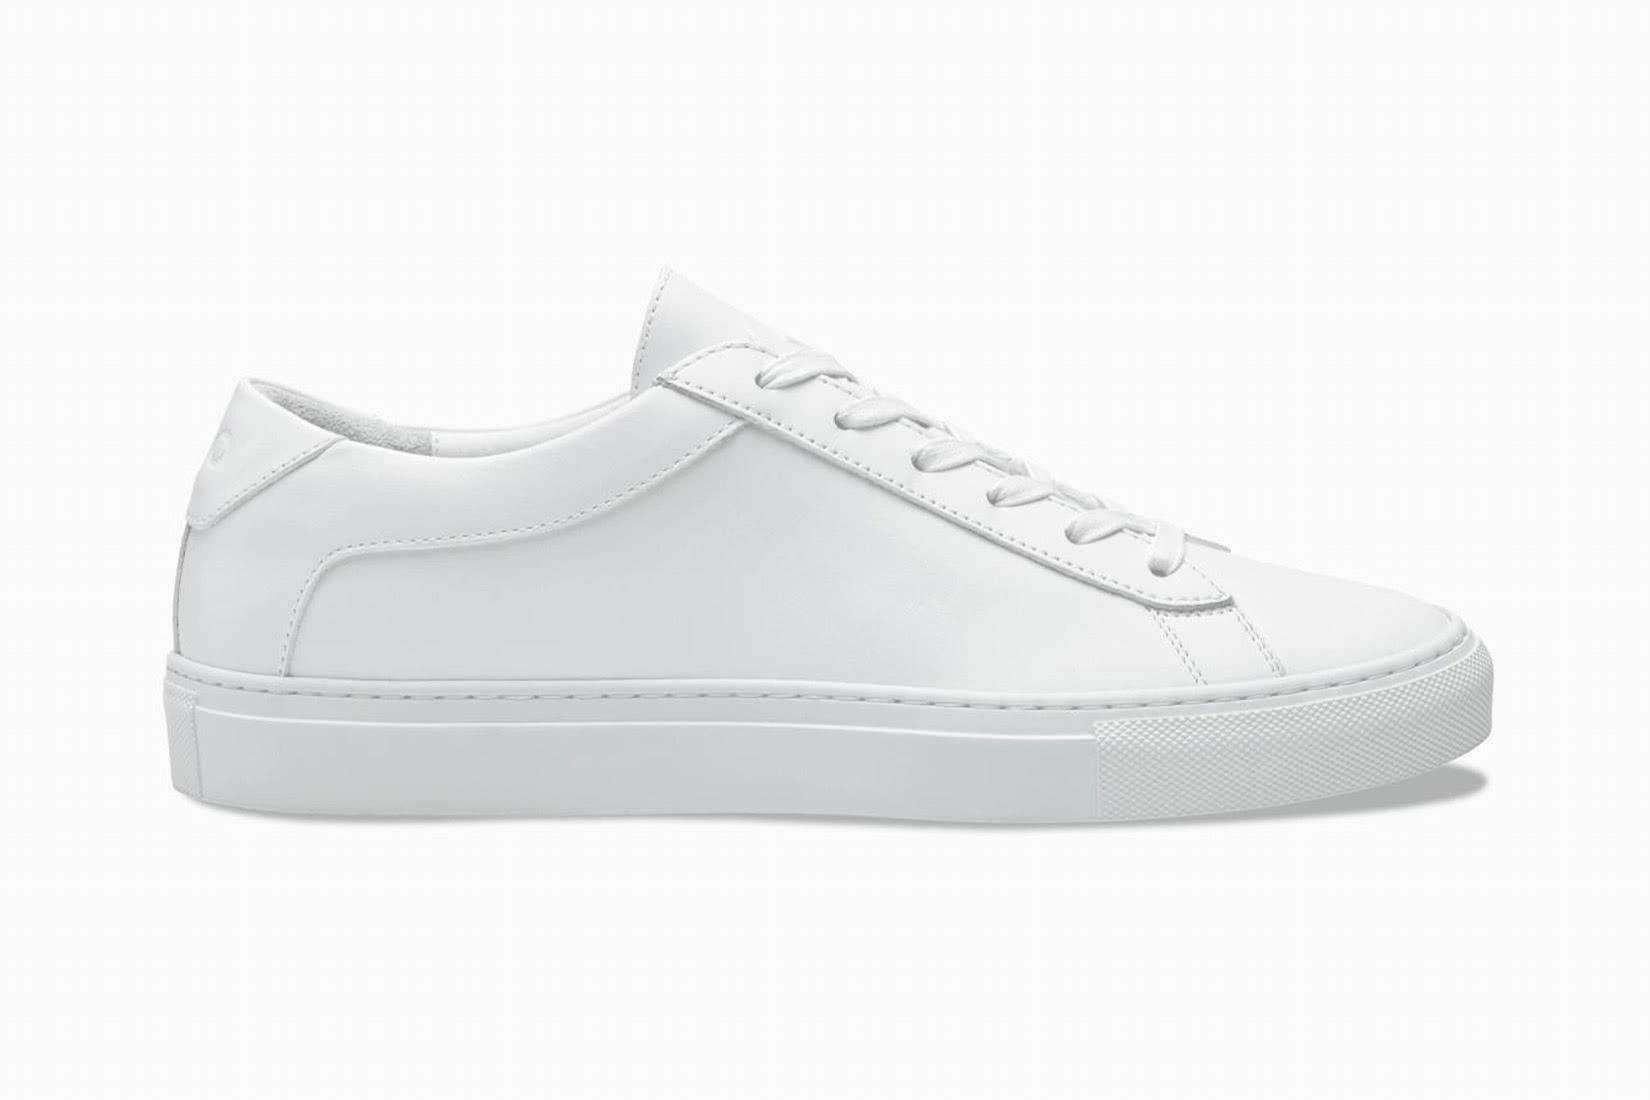 Koio sneakers review capri - Luxe Digital